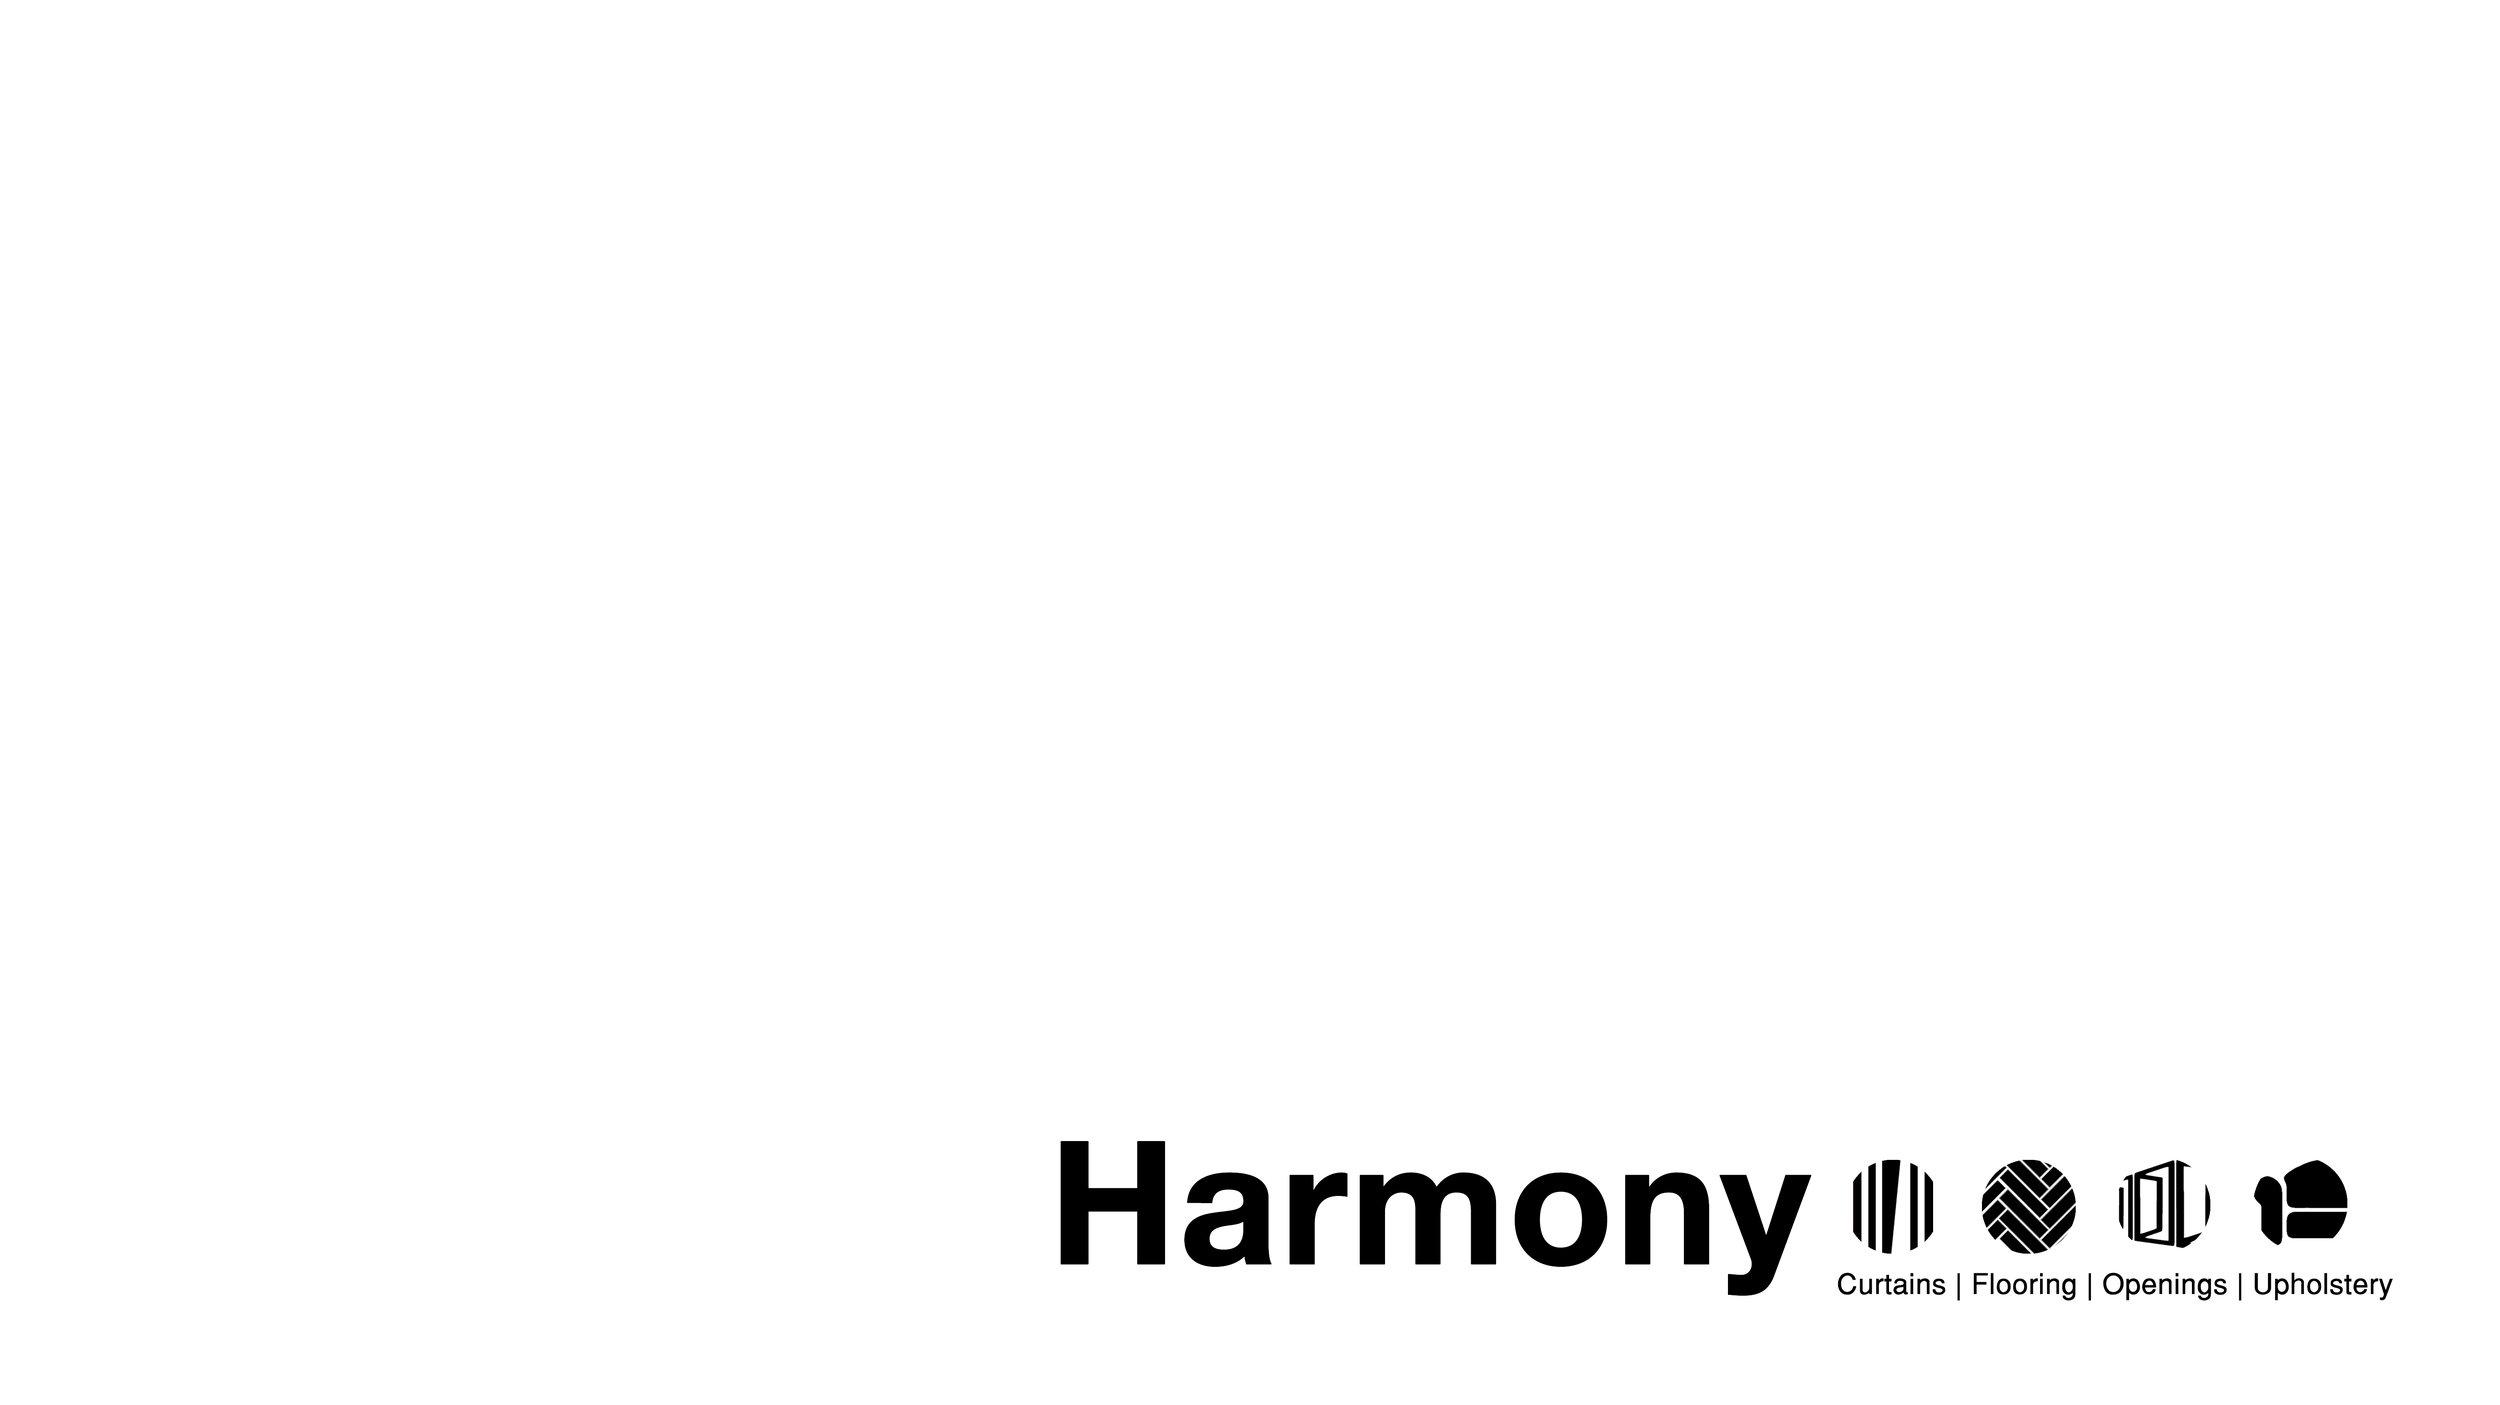 Logo 1 Harmony.jpg